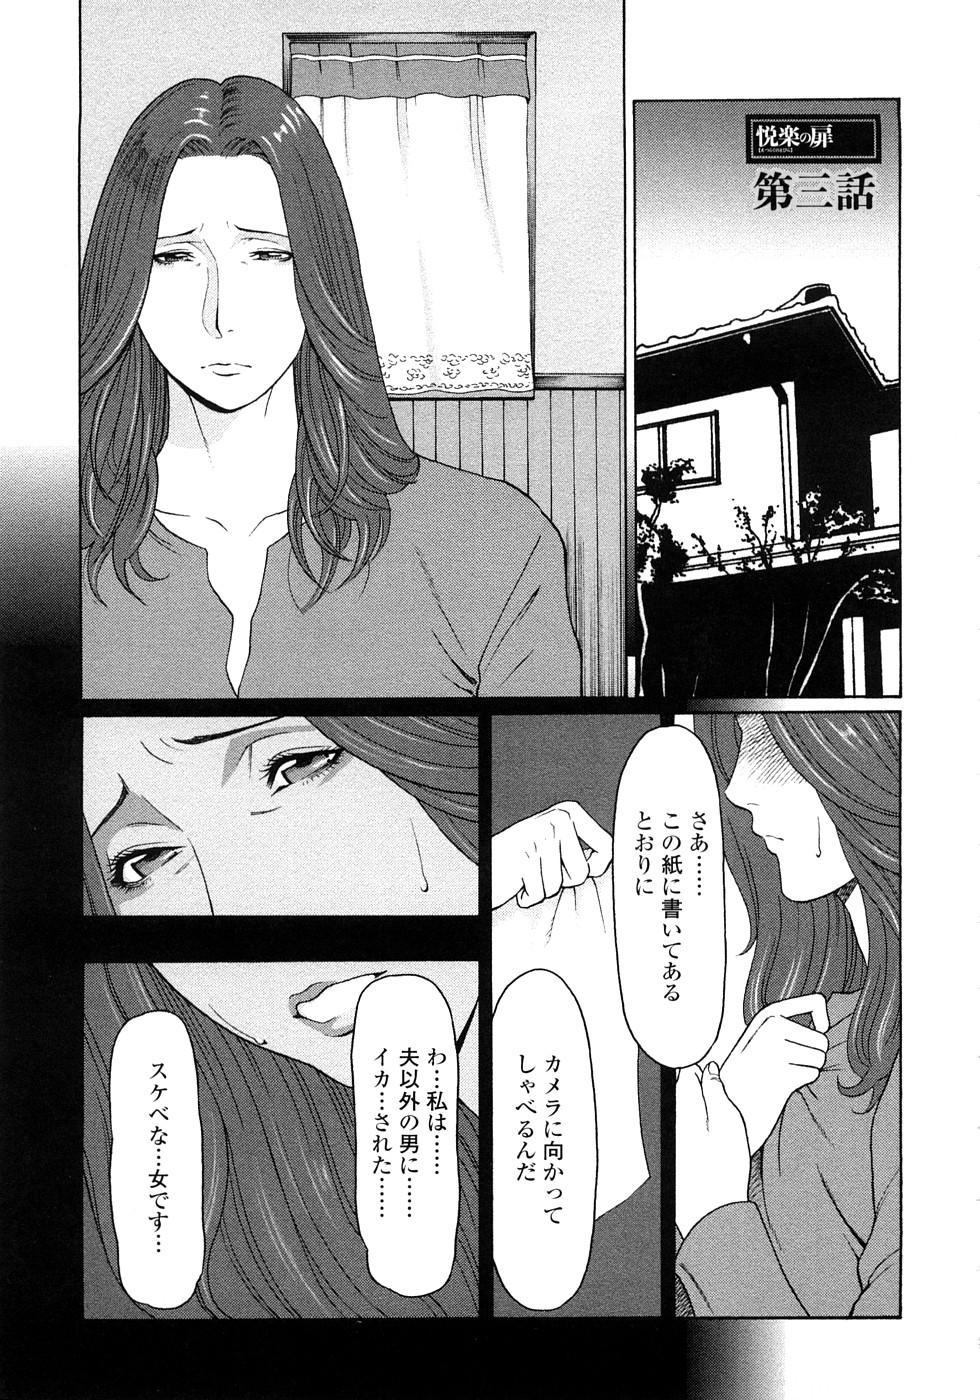 Etsuraku no Tobira - The Door of Sexual Pleasure 41